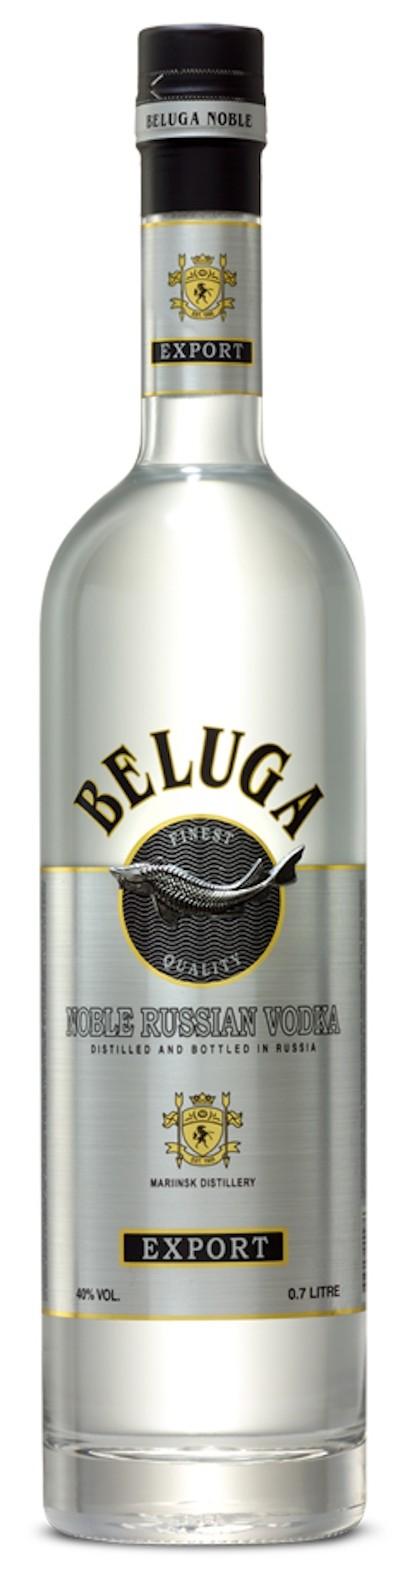 Beluga - Noble Russian Vodka